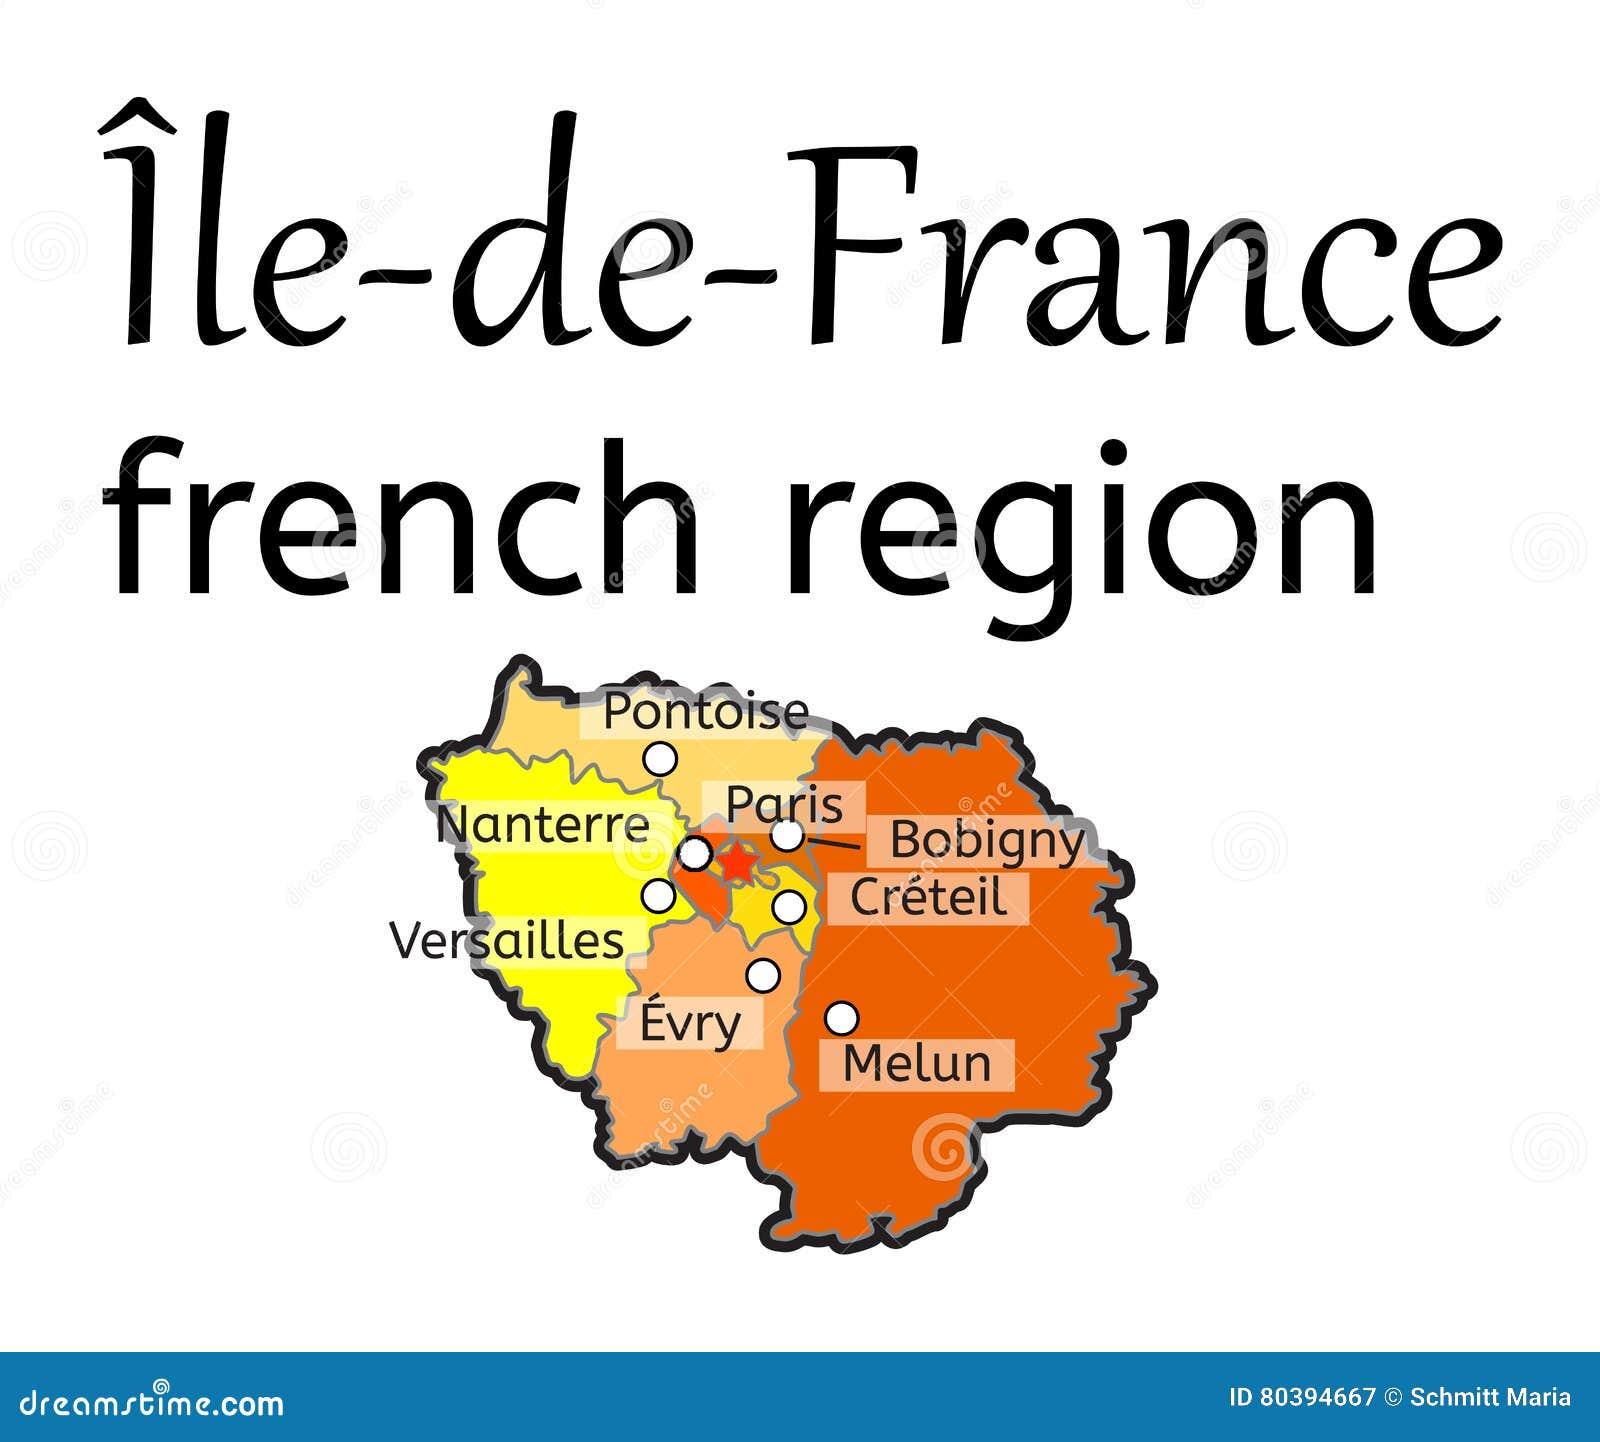 Karte Der Franzosischen Region Des Ile De France Vektor Abbildung Illustration Von Franzosischen Region 80394667